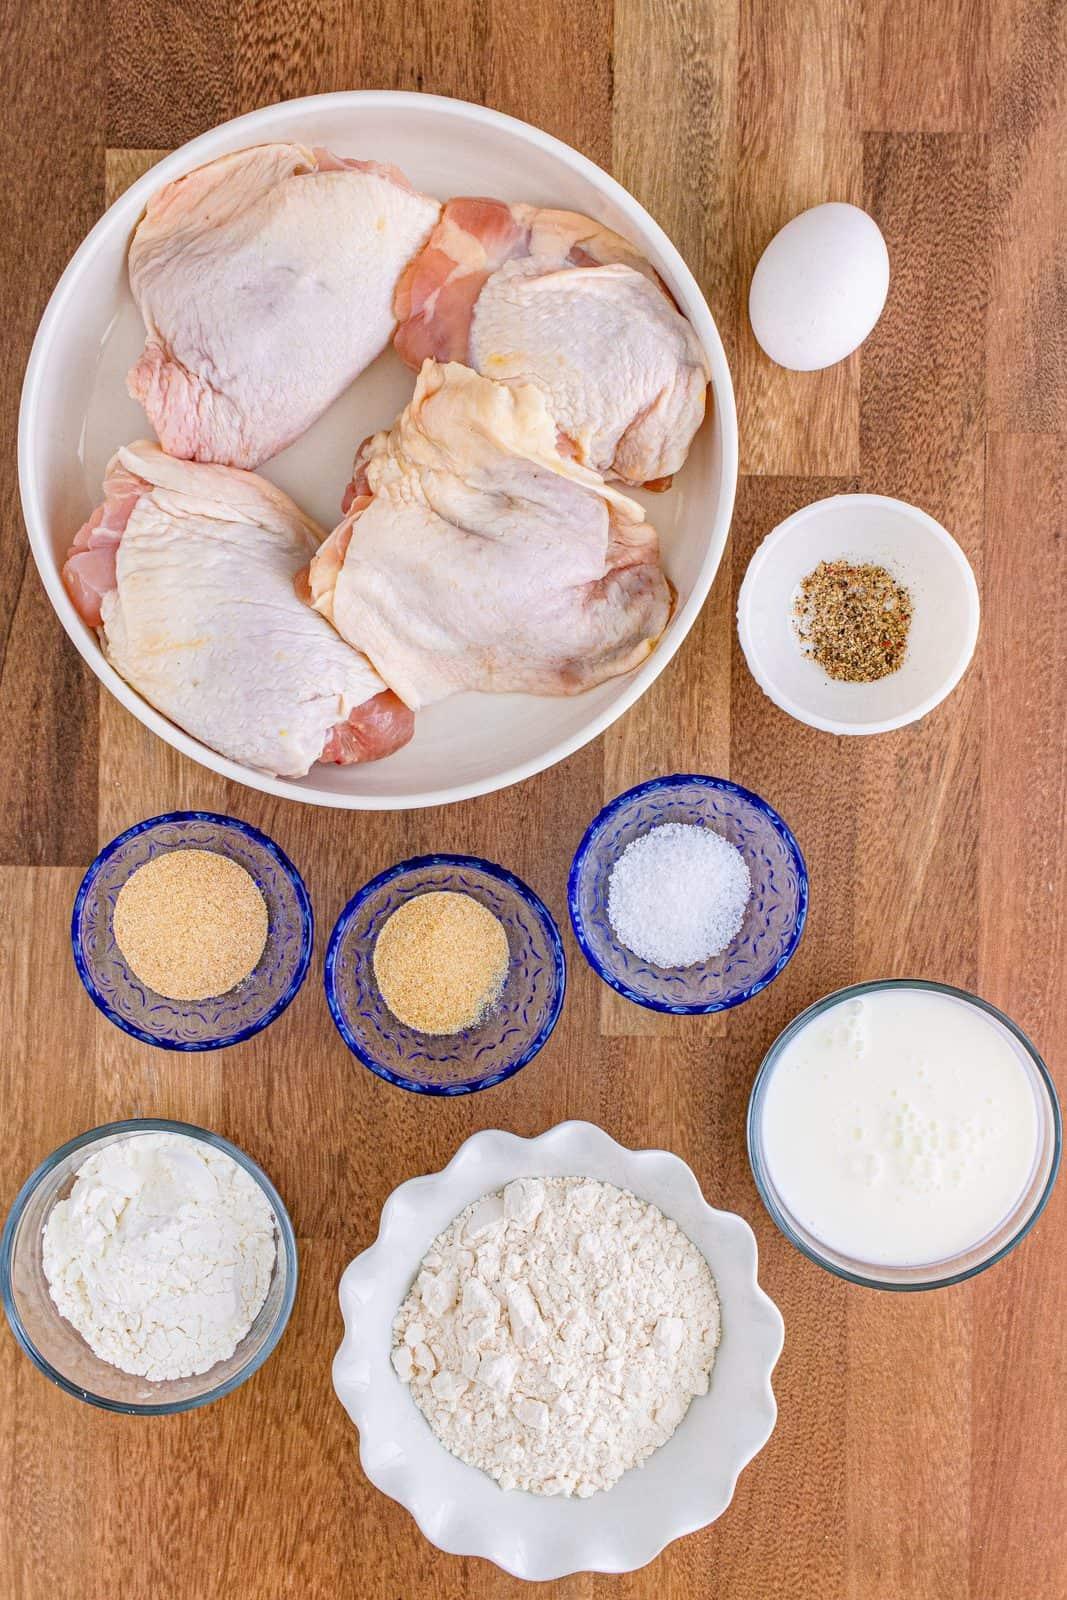 Ingredients needed: buttermilk, egg, all-purpose flour, cornstarch, garlic powder, onion powder, kosher salt, black pepper, bone-in chicken thighs and olive oil spray.